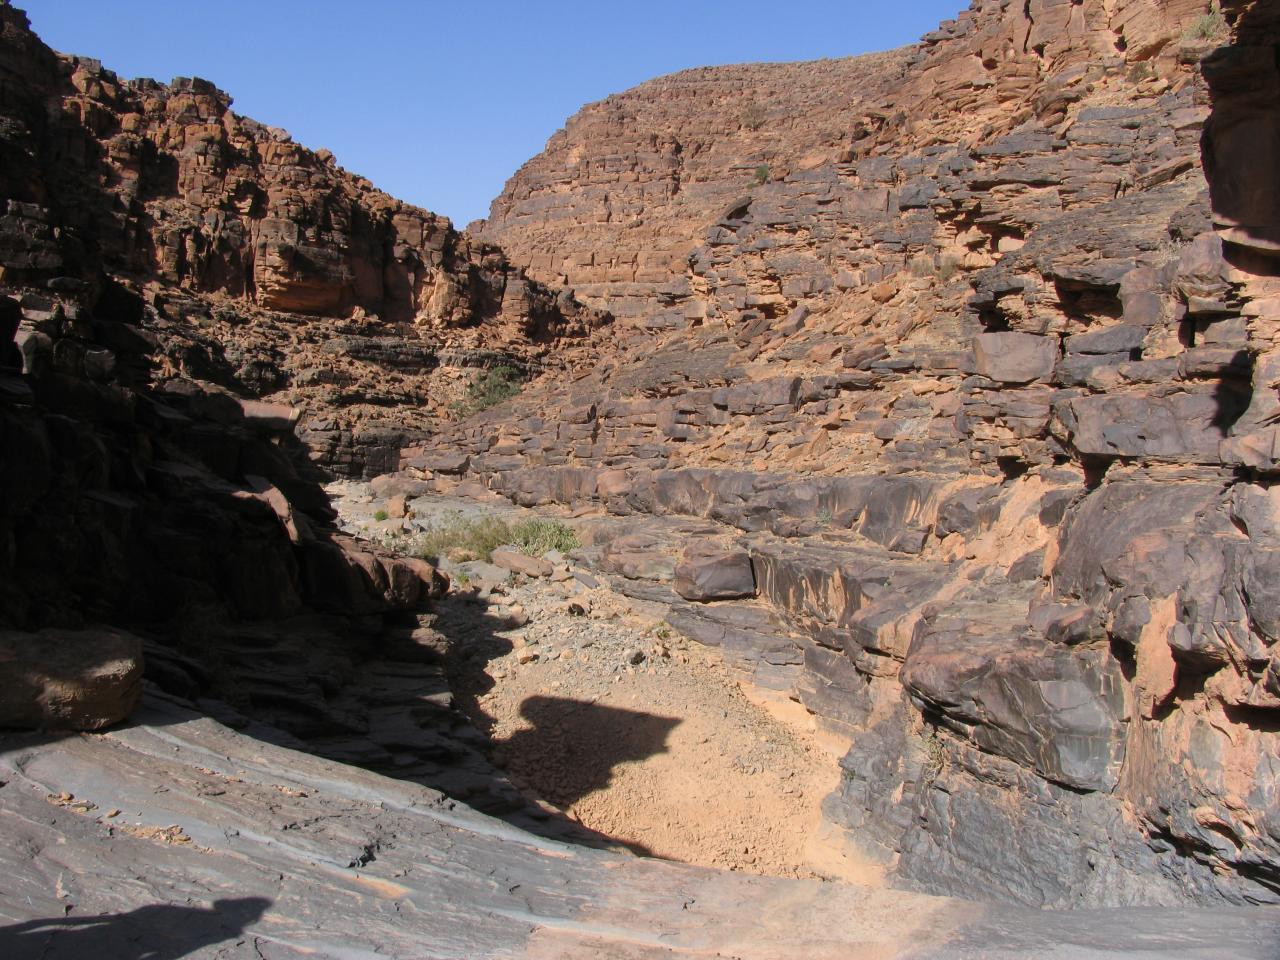 Oued sud Amtoudi